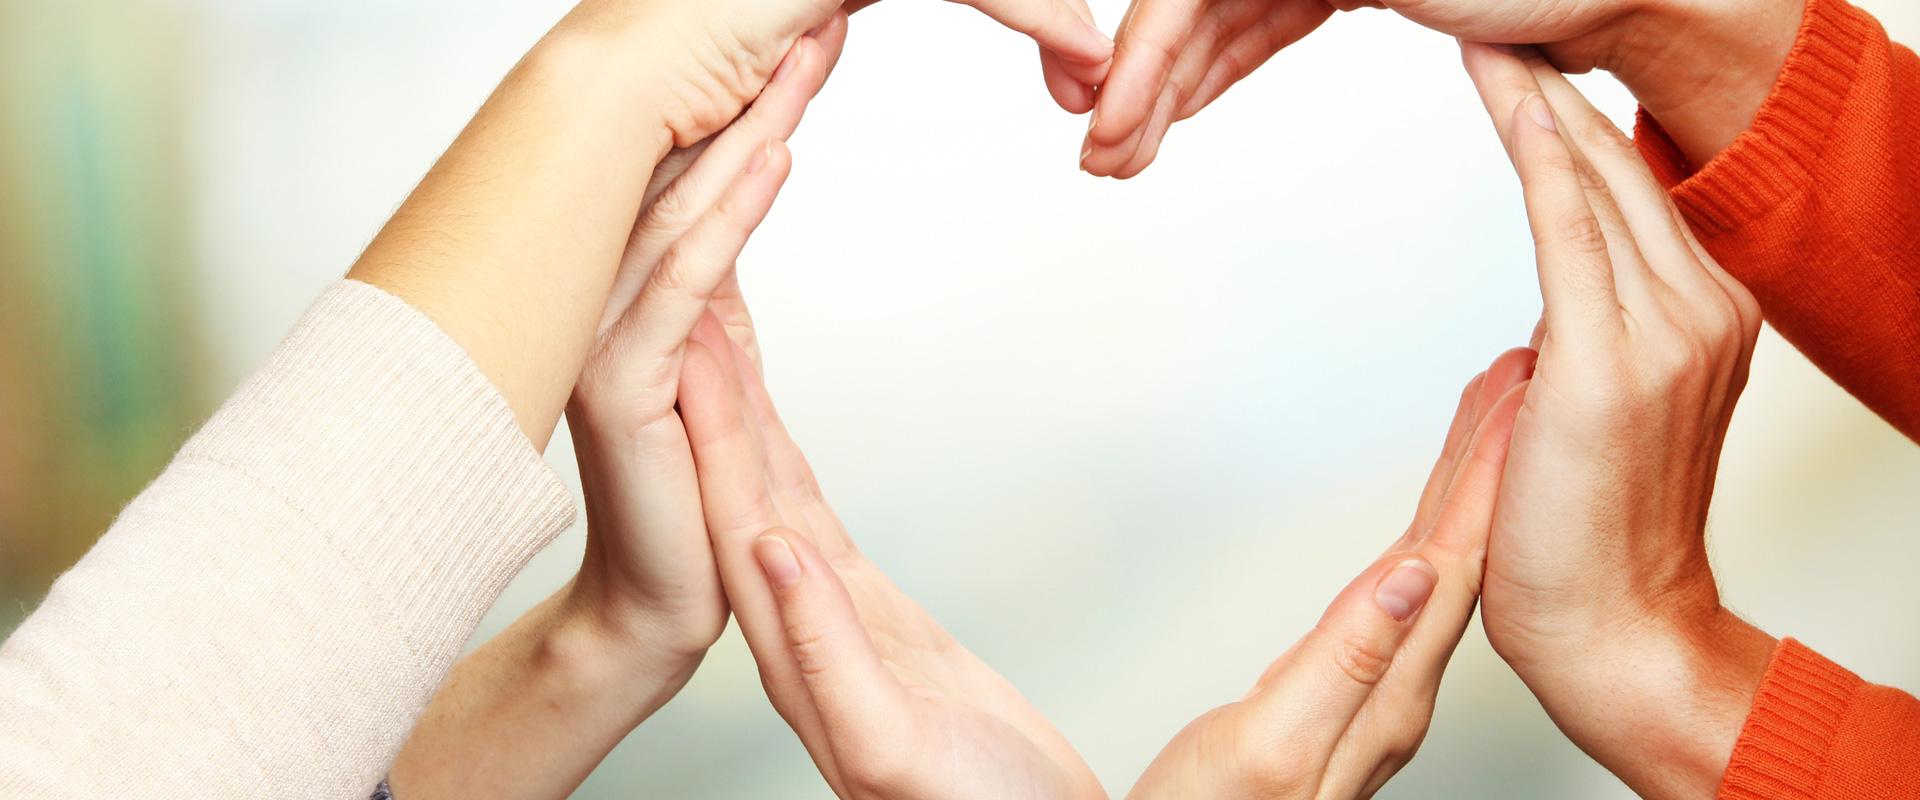 Mãos em formato de coração